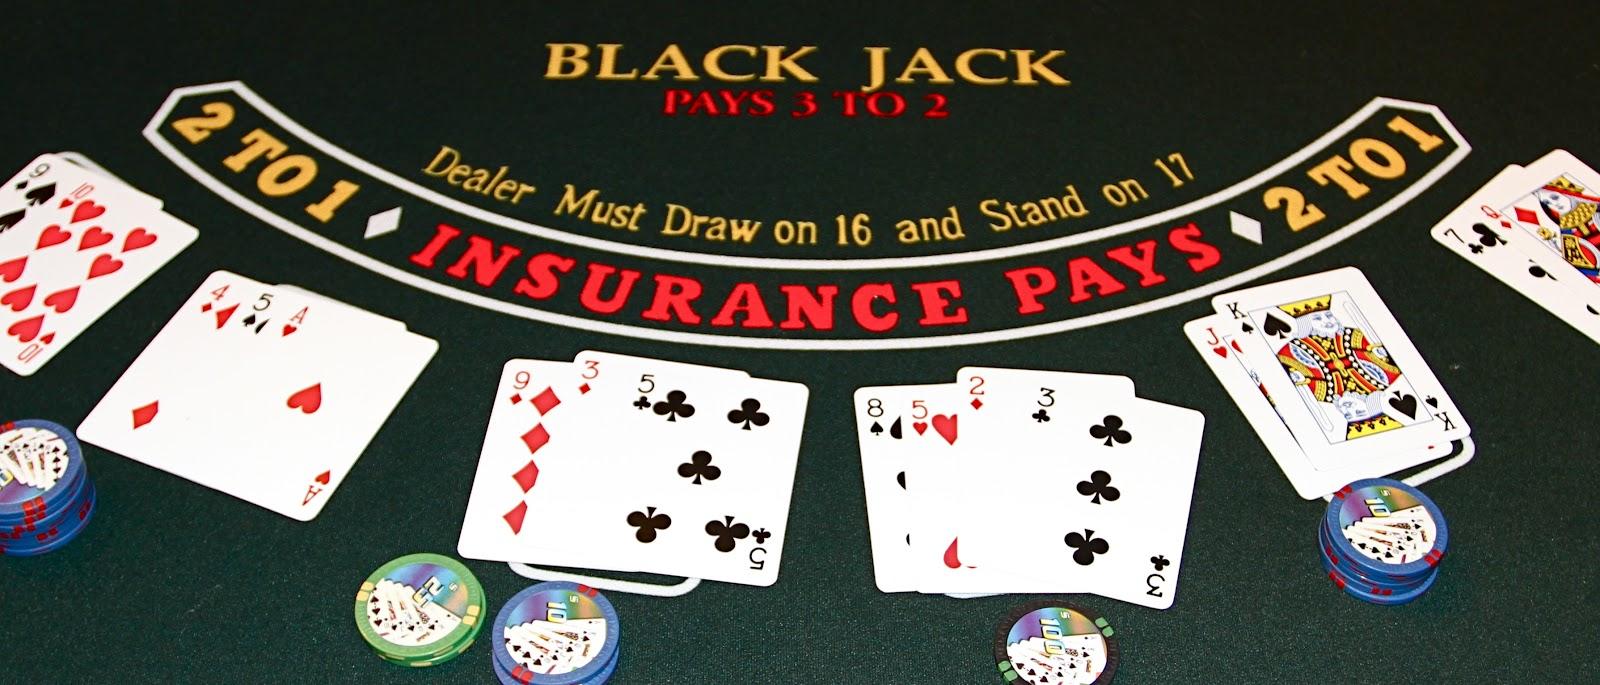 Le blackjack pour remporter la cagnotte